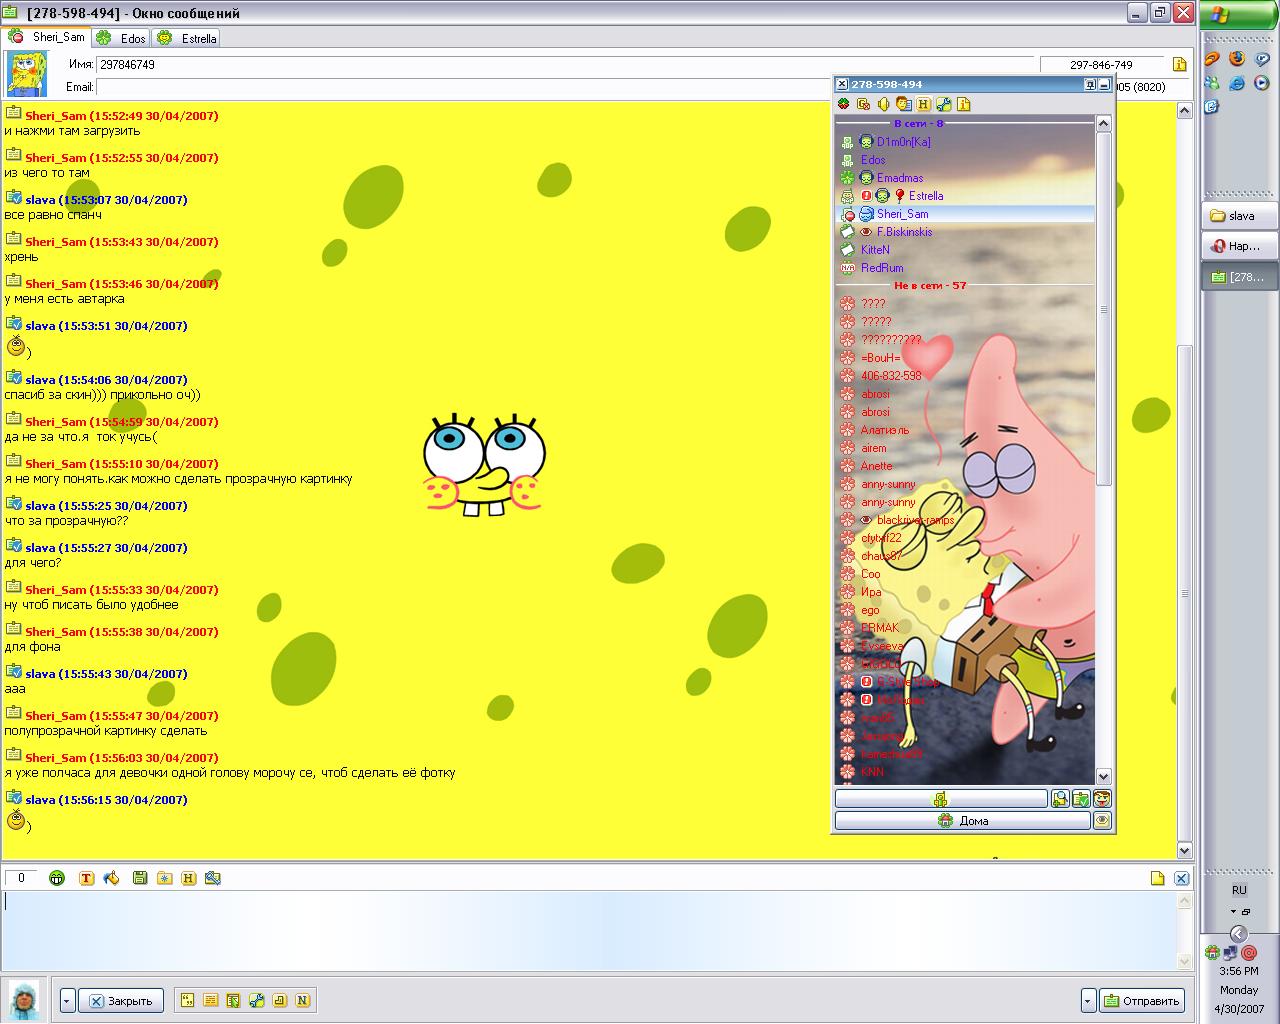 Как сделать скриншот экрана на компьютере или ноутбуке с 86